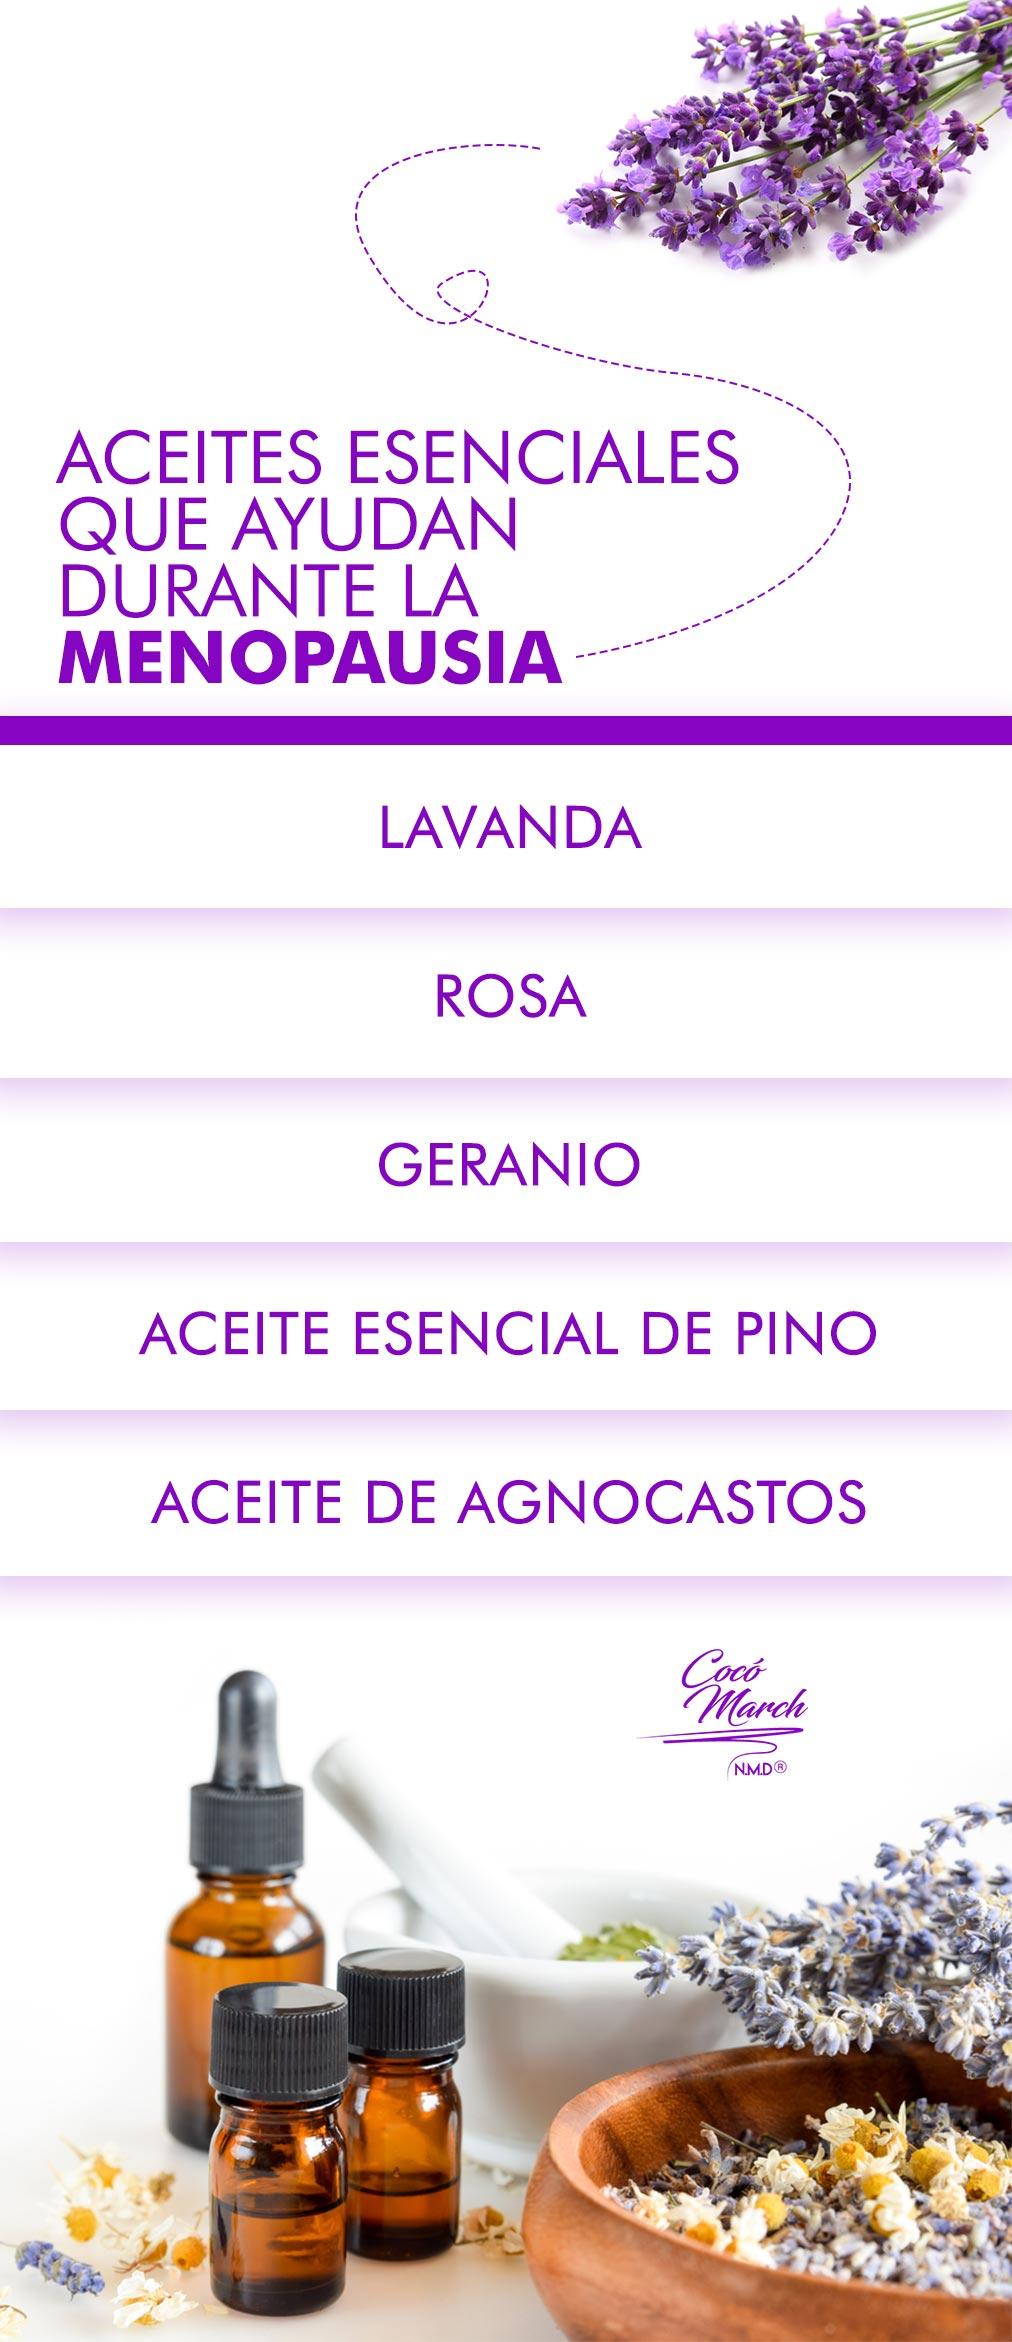 menopausia-aceites-esenciales